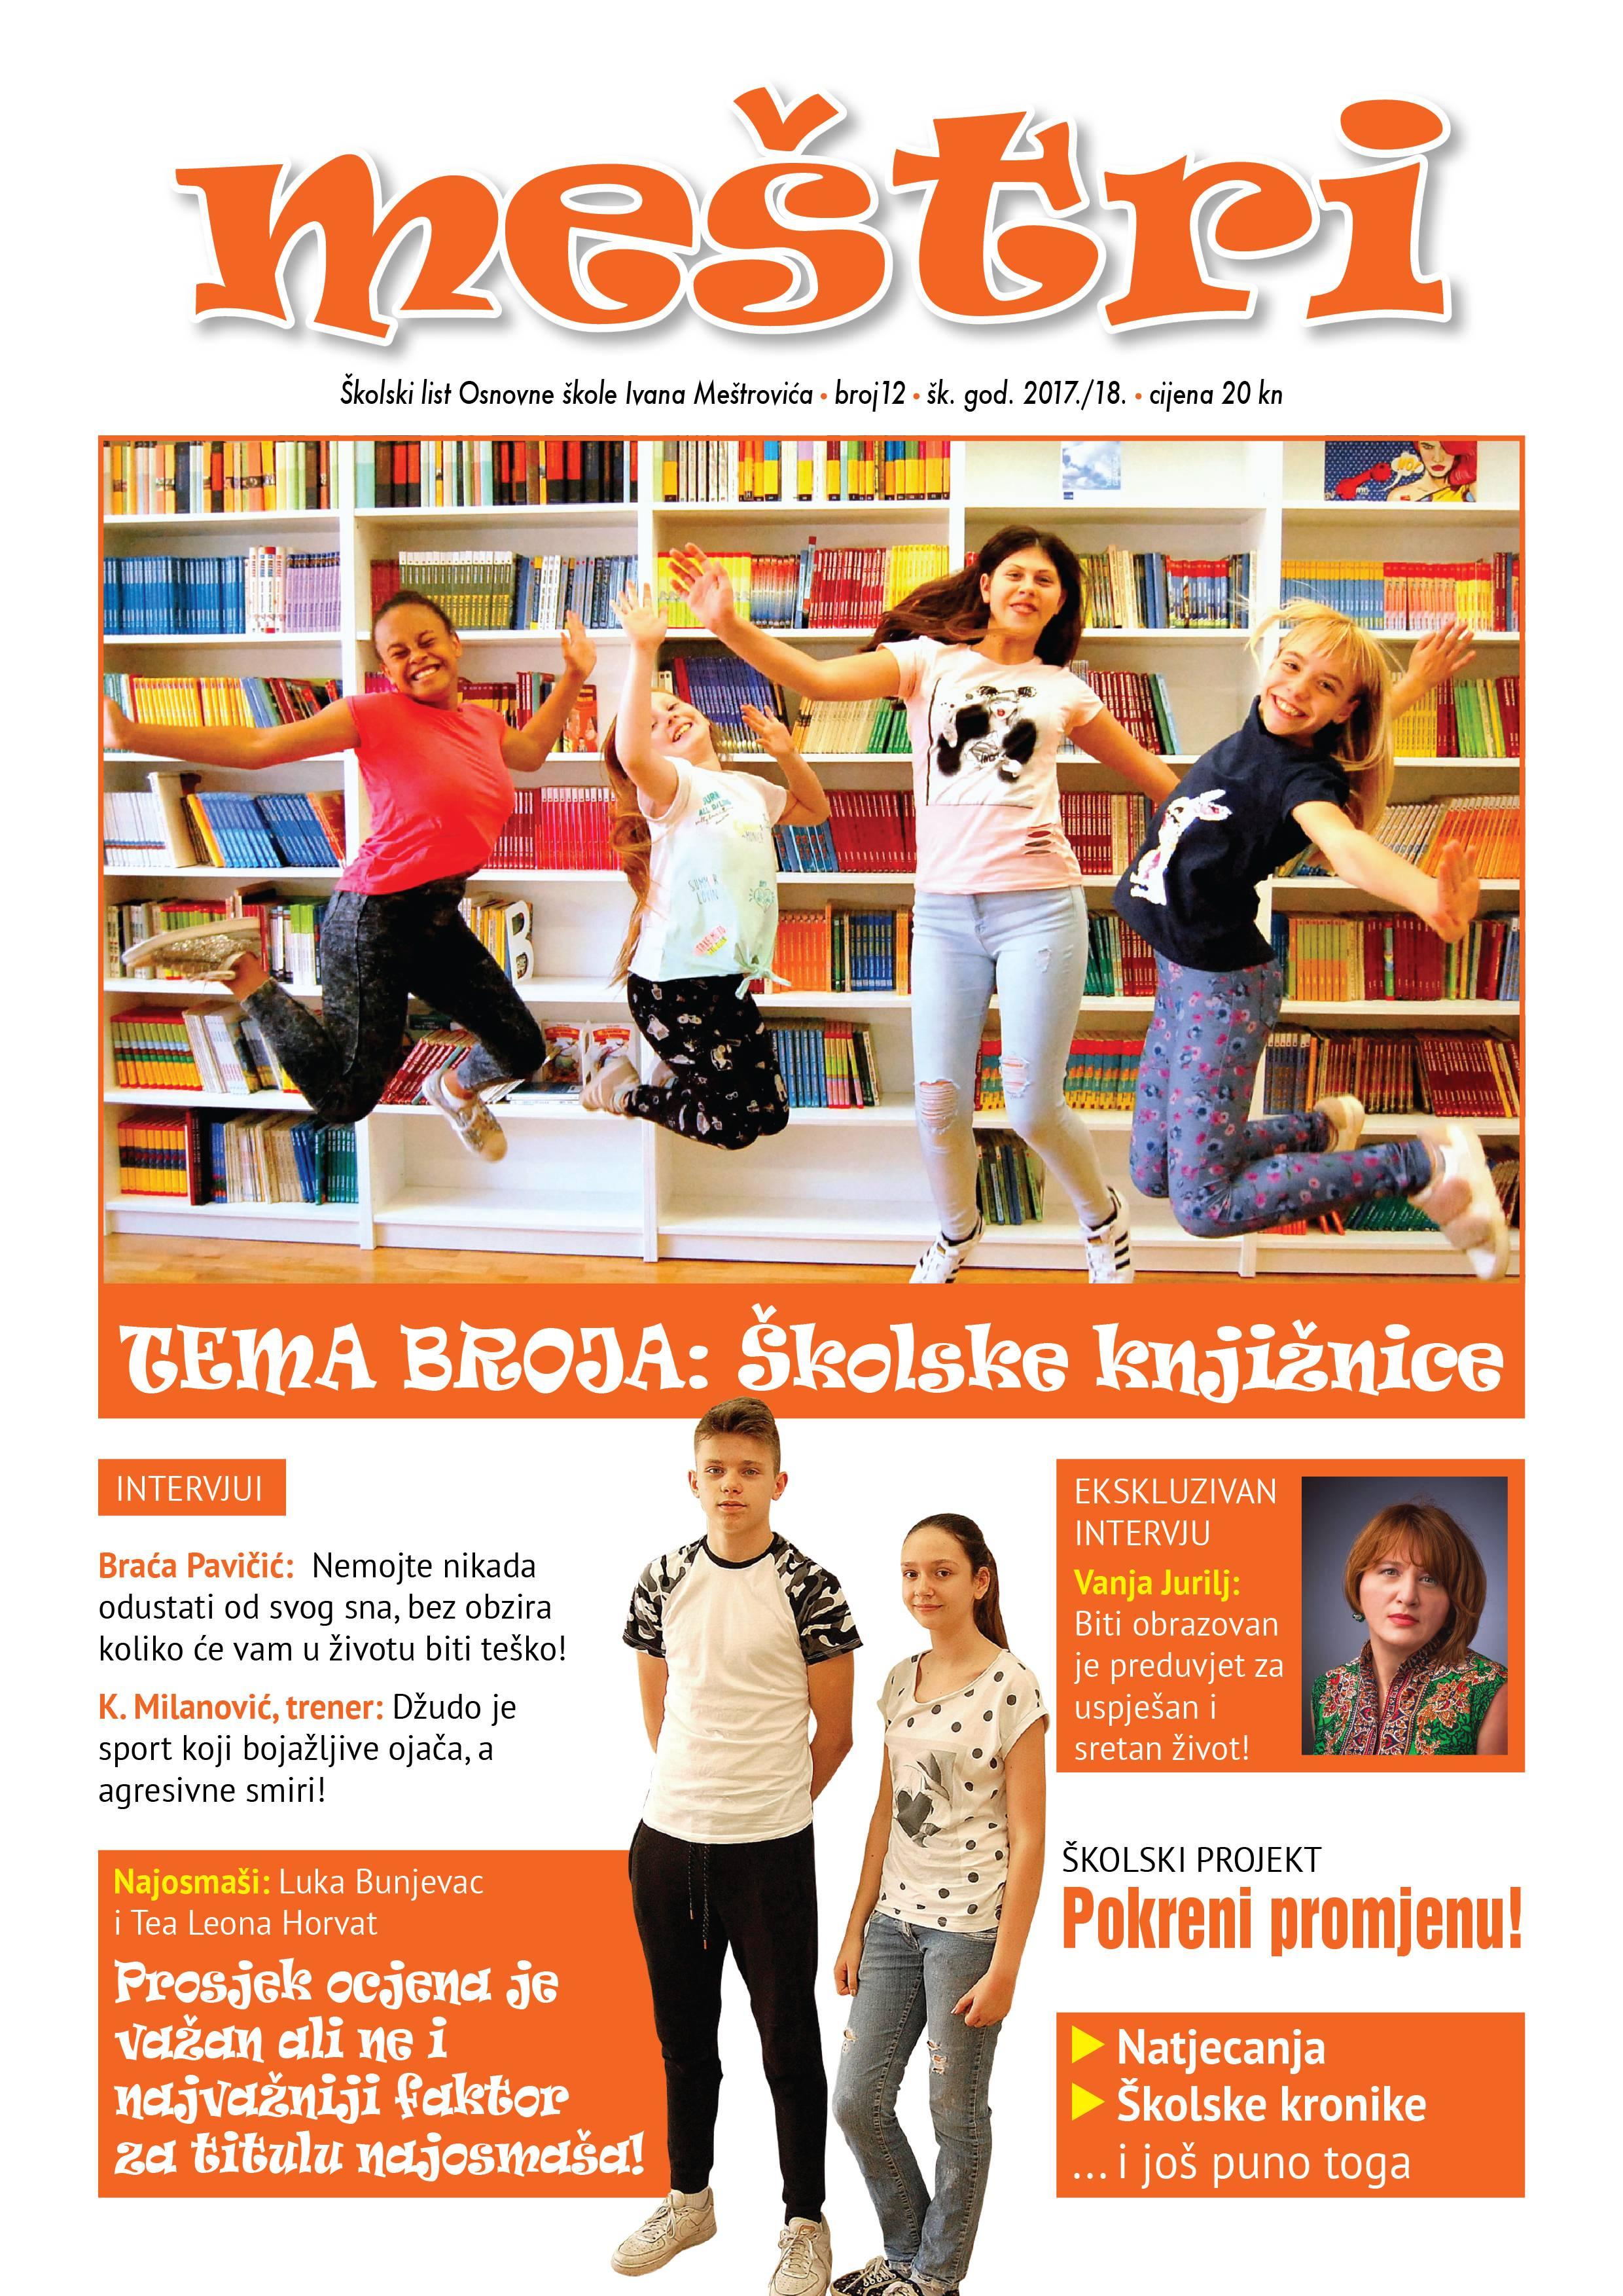 Osnovna Skola Ivana Mestrovica Zagreb Naslovnica